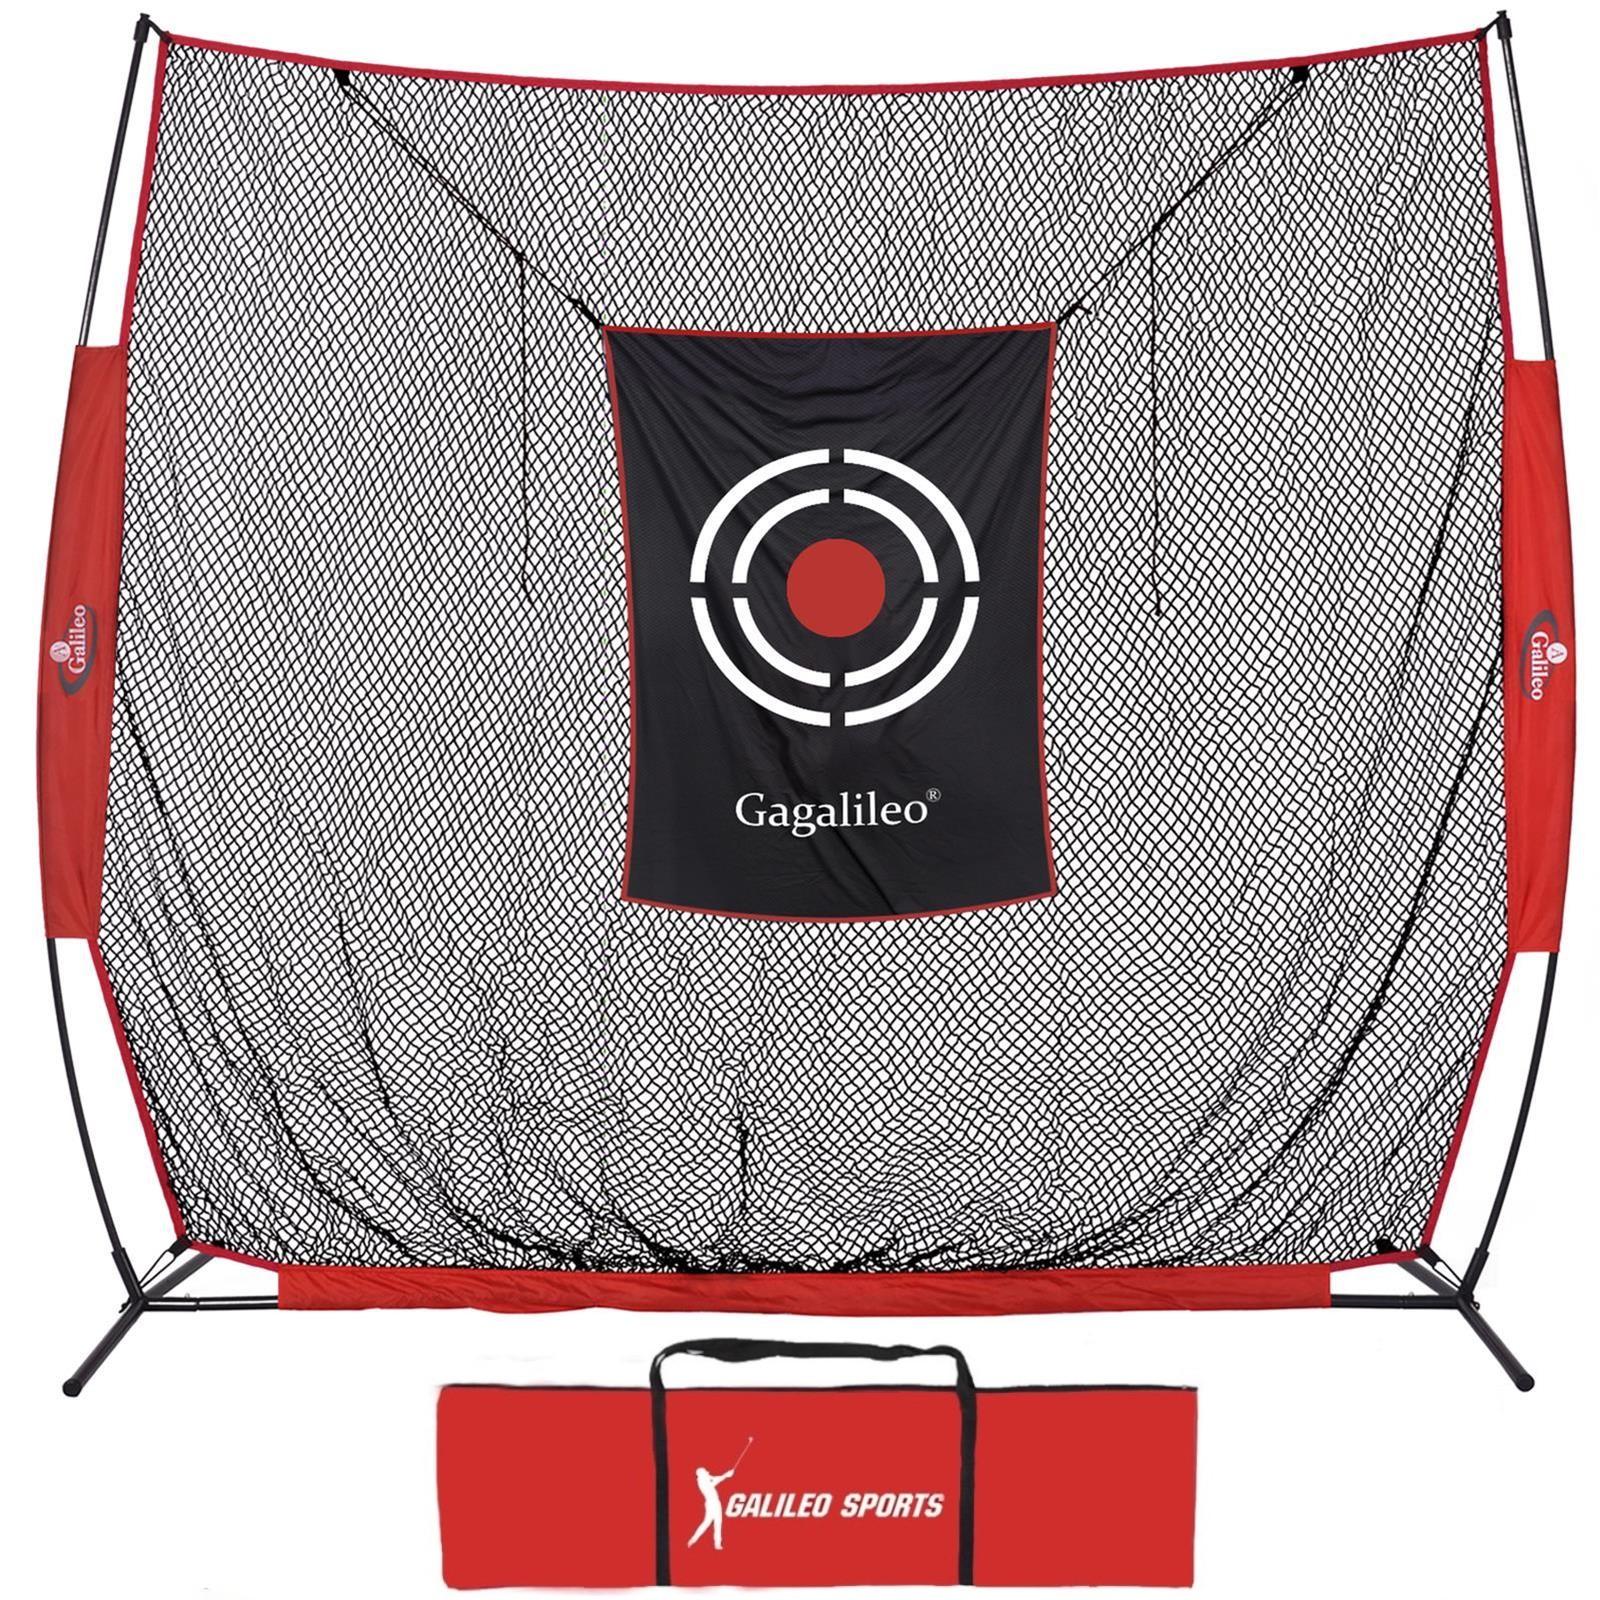 再再販 人気の製品 ゴルフネット ゴルフ練習ネット ゴルフヒッティングネット 2.4x2.1m キャリーバッグ付き